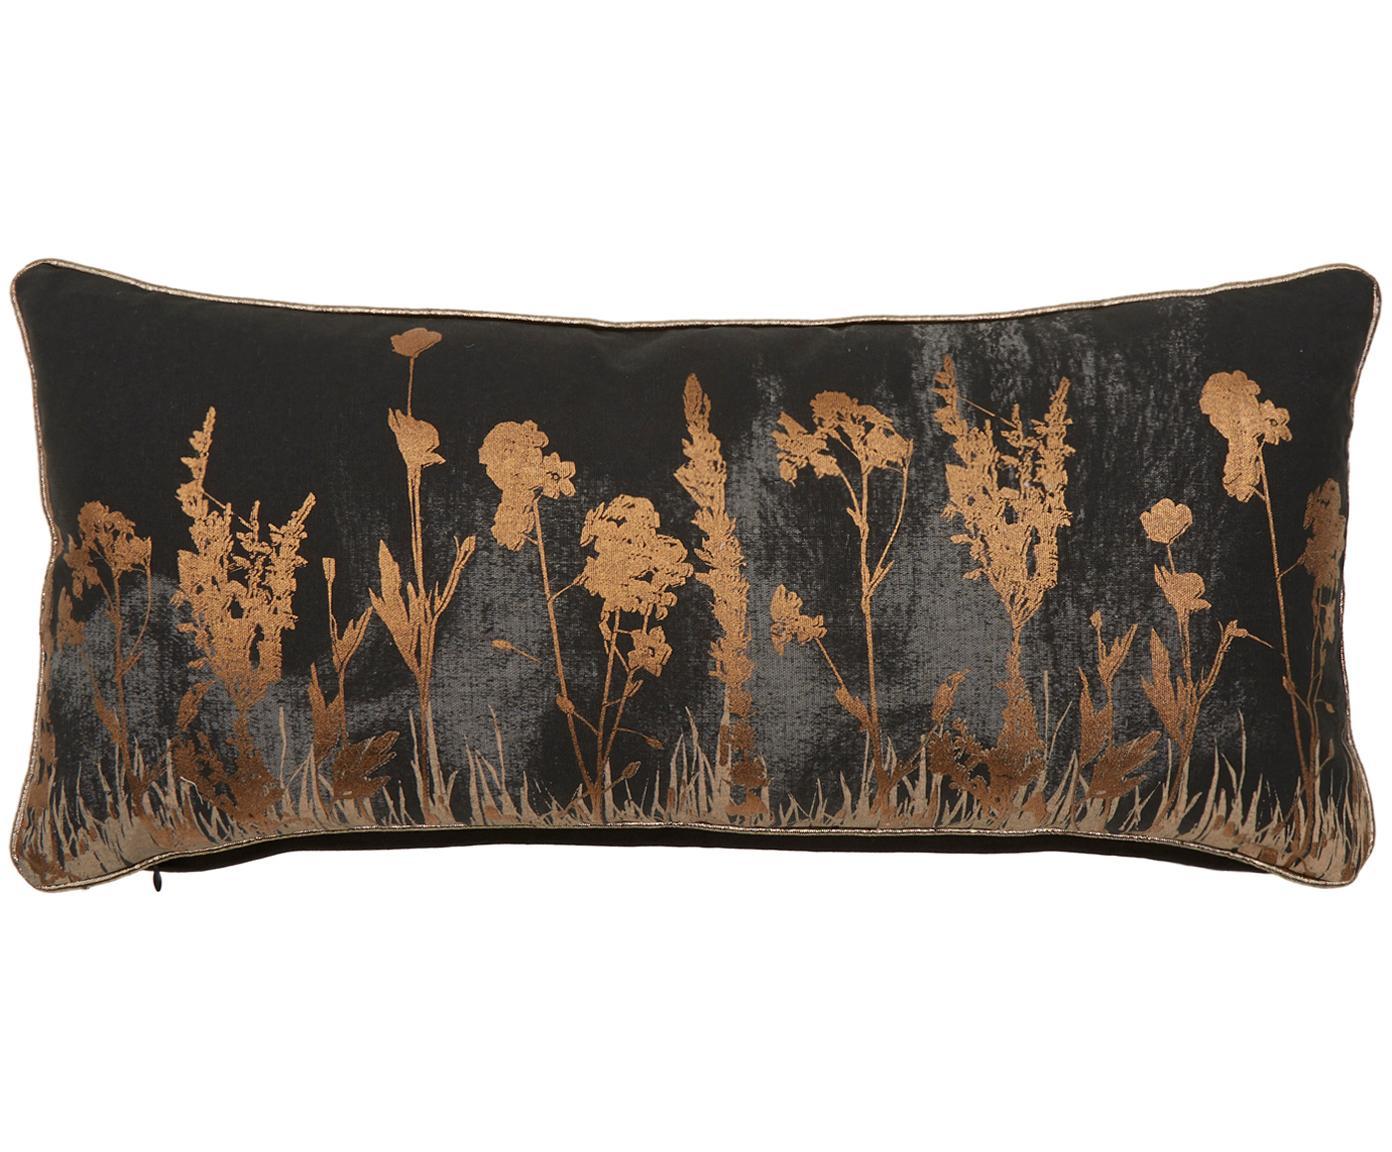 Cojín con estampado brillante Wild Floral, con relleno, Tapizado: 100%algodón, Negro, gris antracita, broncea, An 30 x L 65 cm